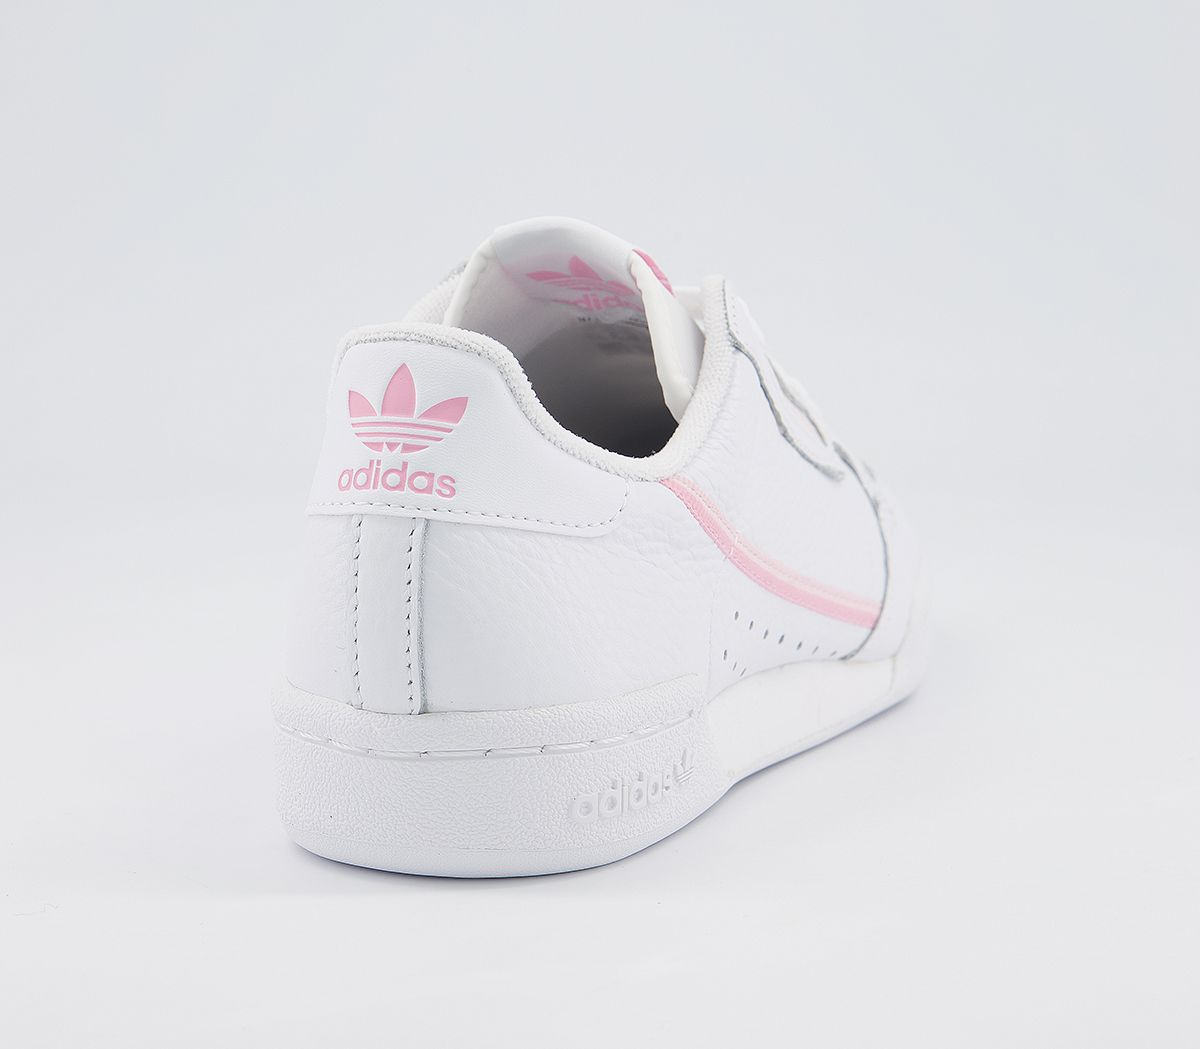 Adidas Mujer Años 80 Continental Continental Continental Zapatillas blancooas True rosadododo Deportivas 0a2ce3